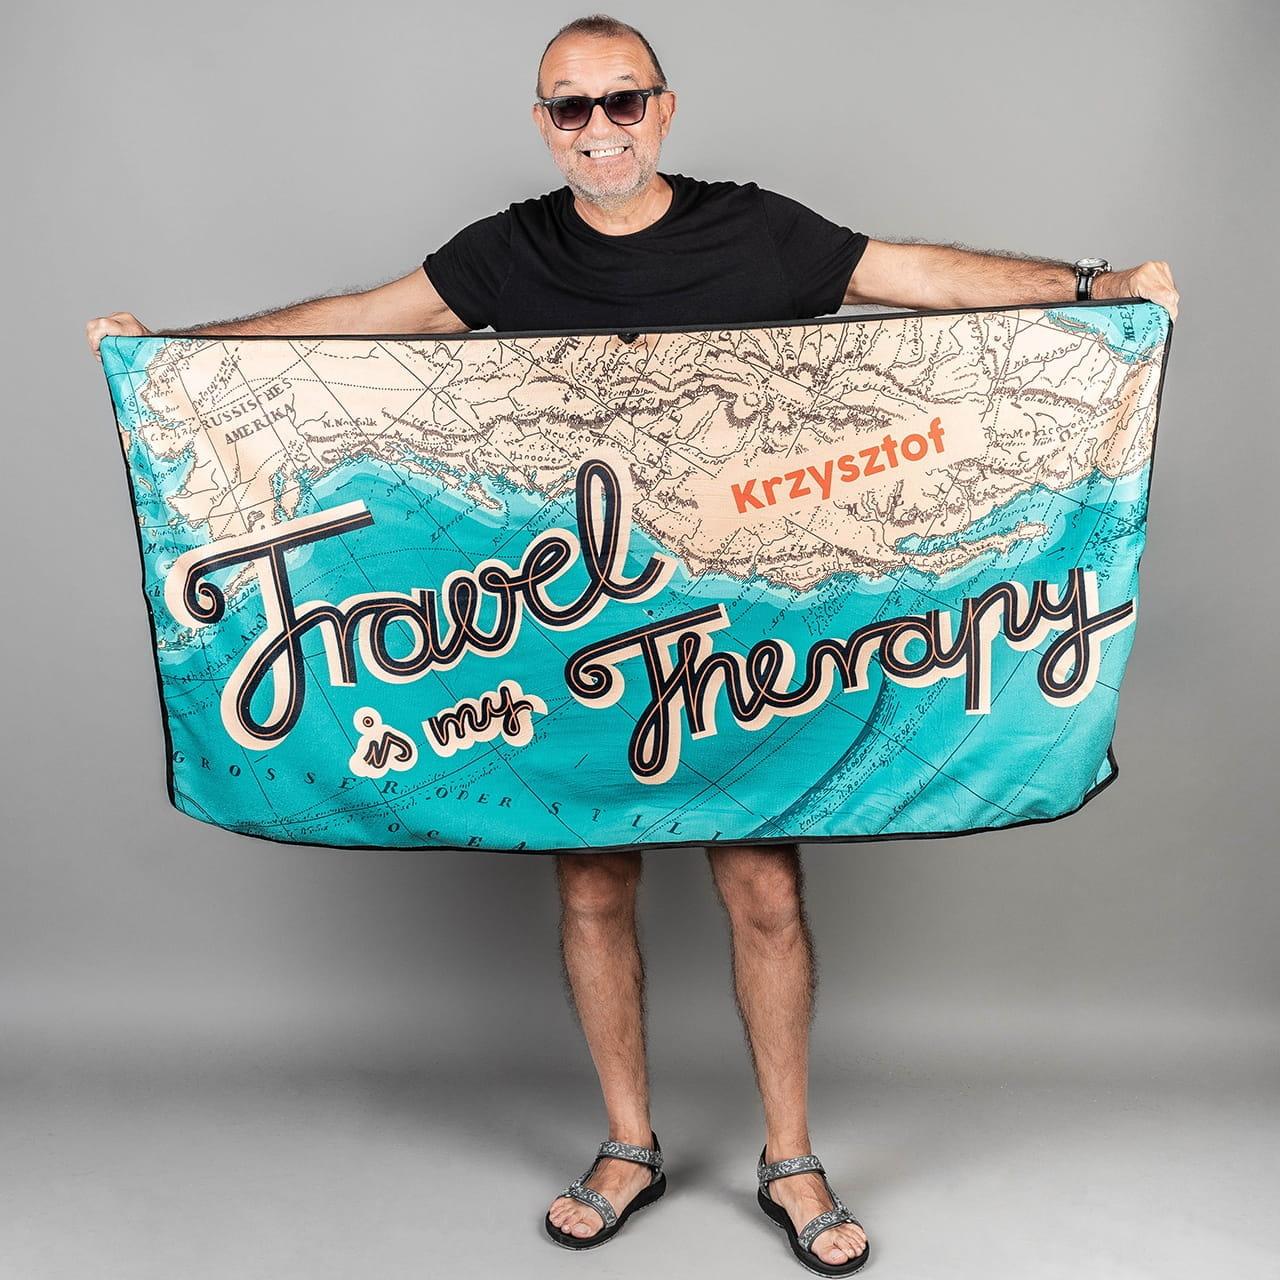 Ręcznik z mikrofibry to prezent dla Krzysia podróżnika